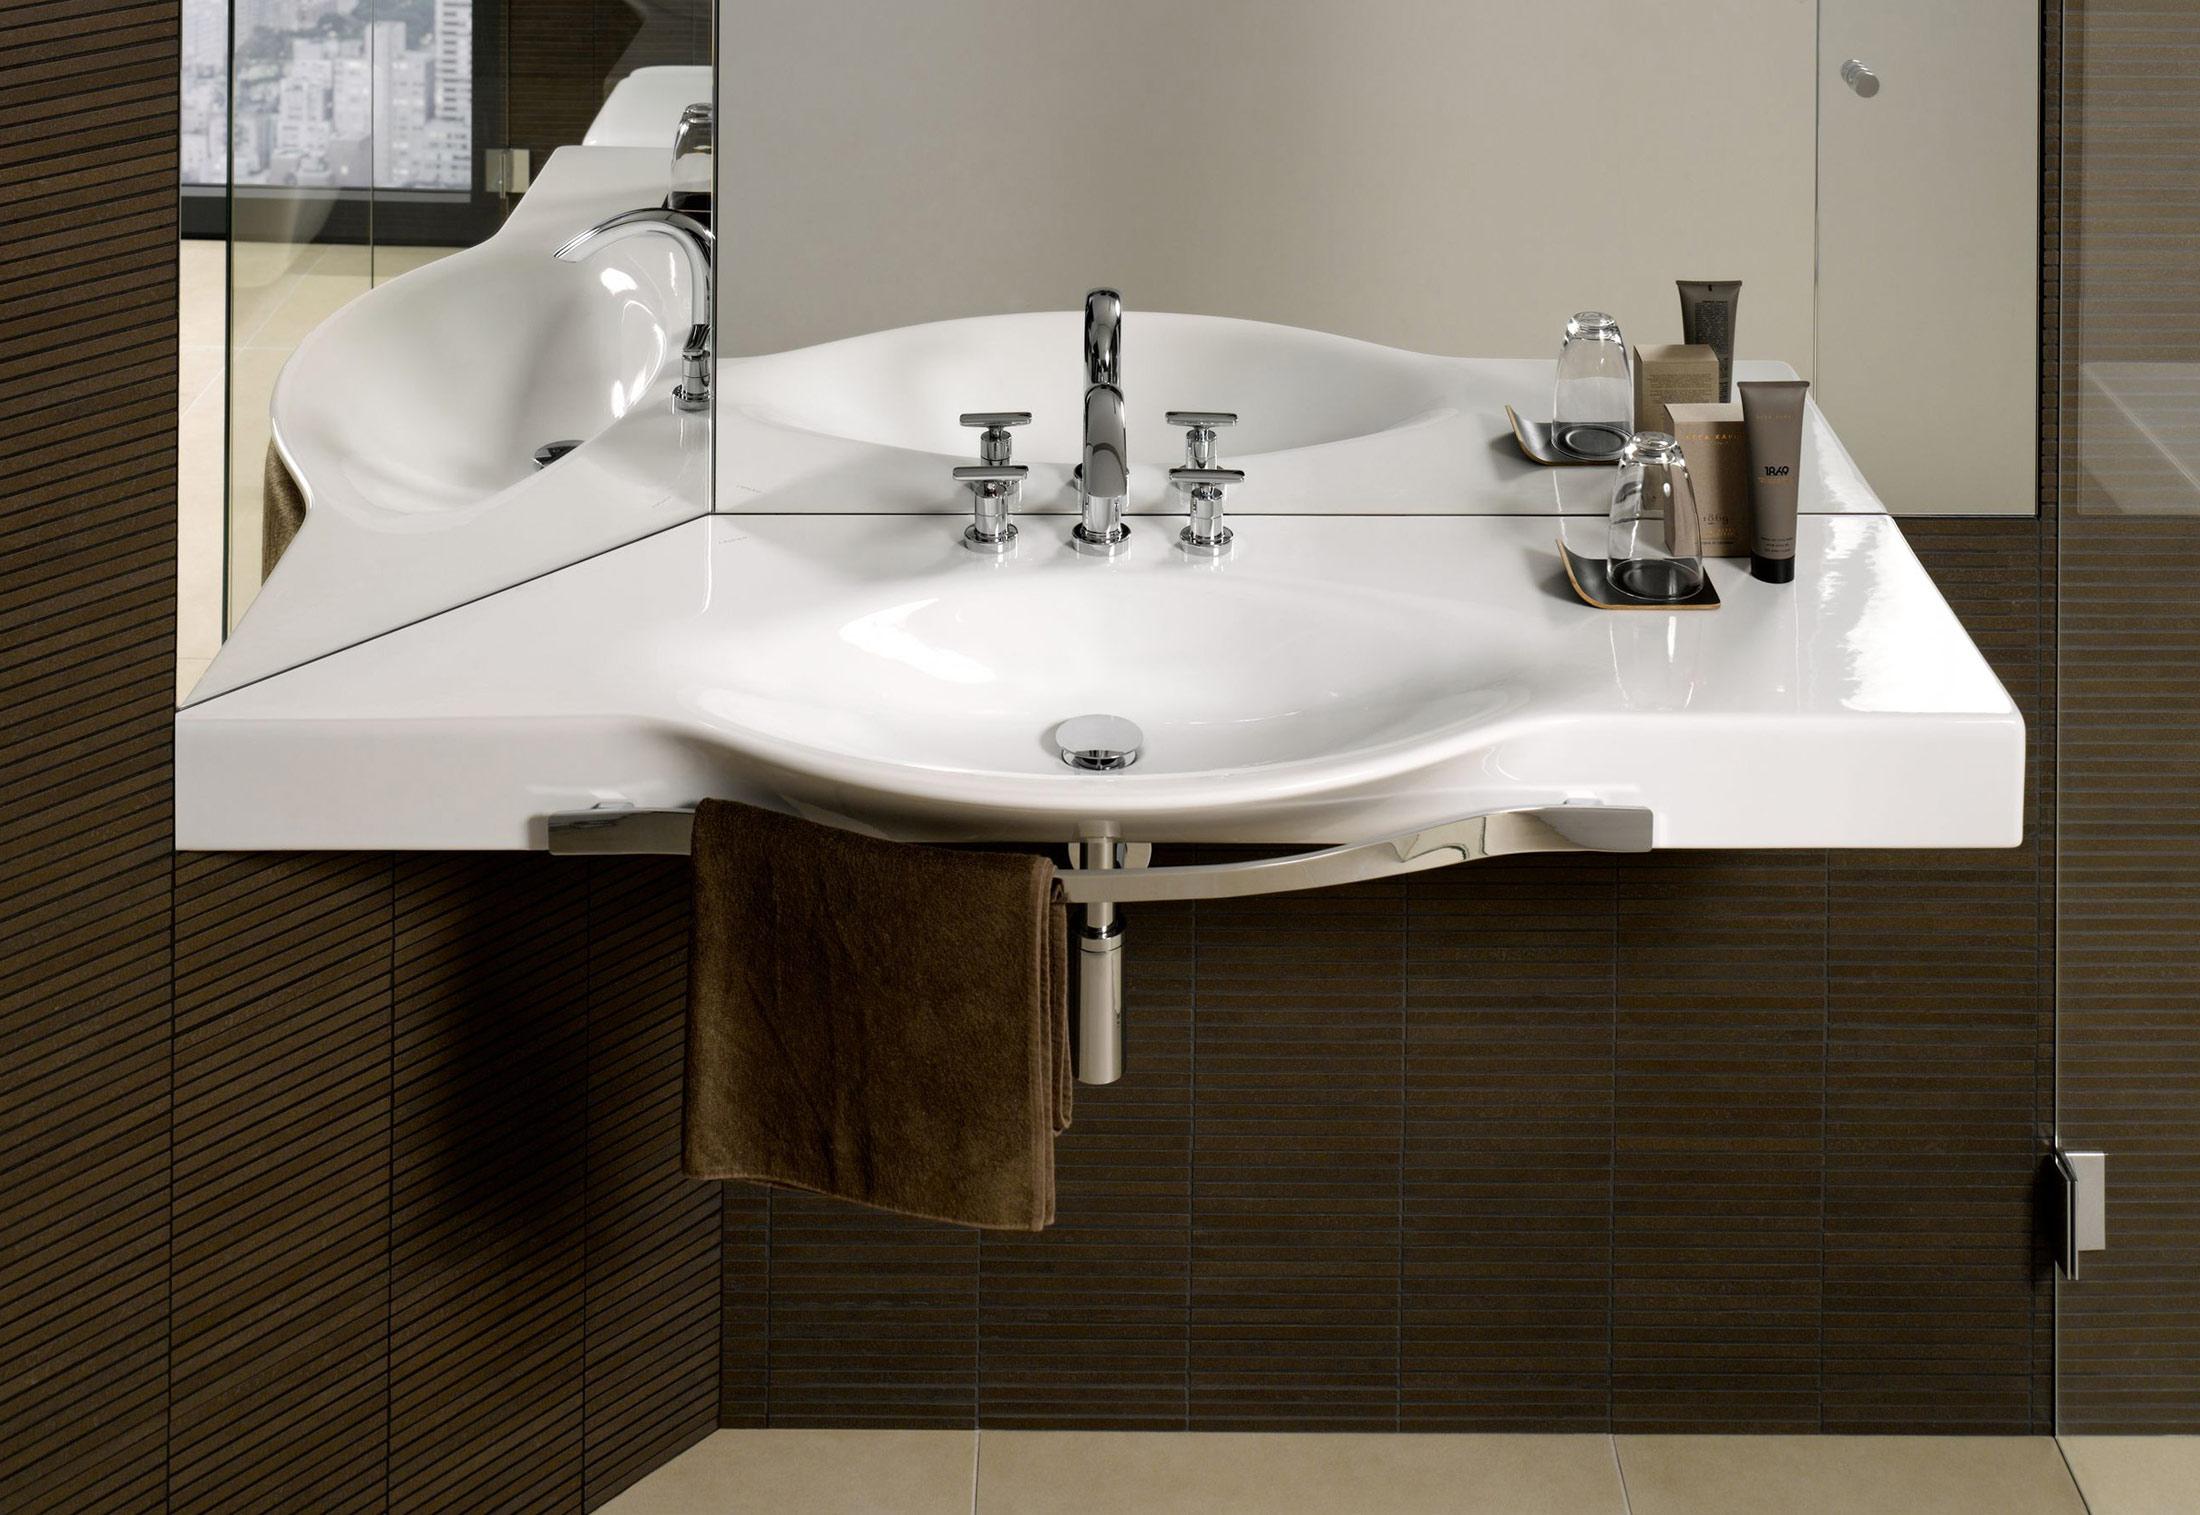 palace waschtisch mit handtuchhalter von laufen stylepark. Black Bedroom Furniture Sets. Home Design Ideas